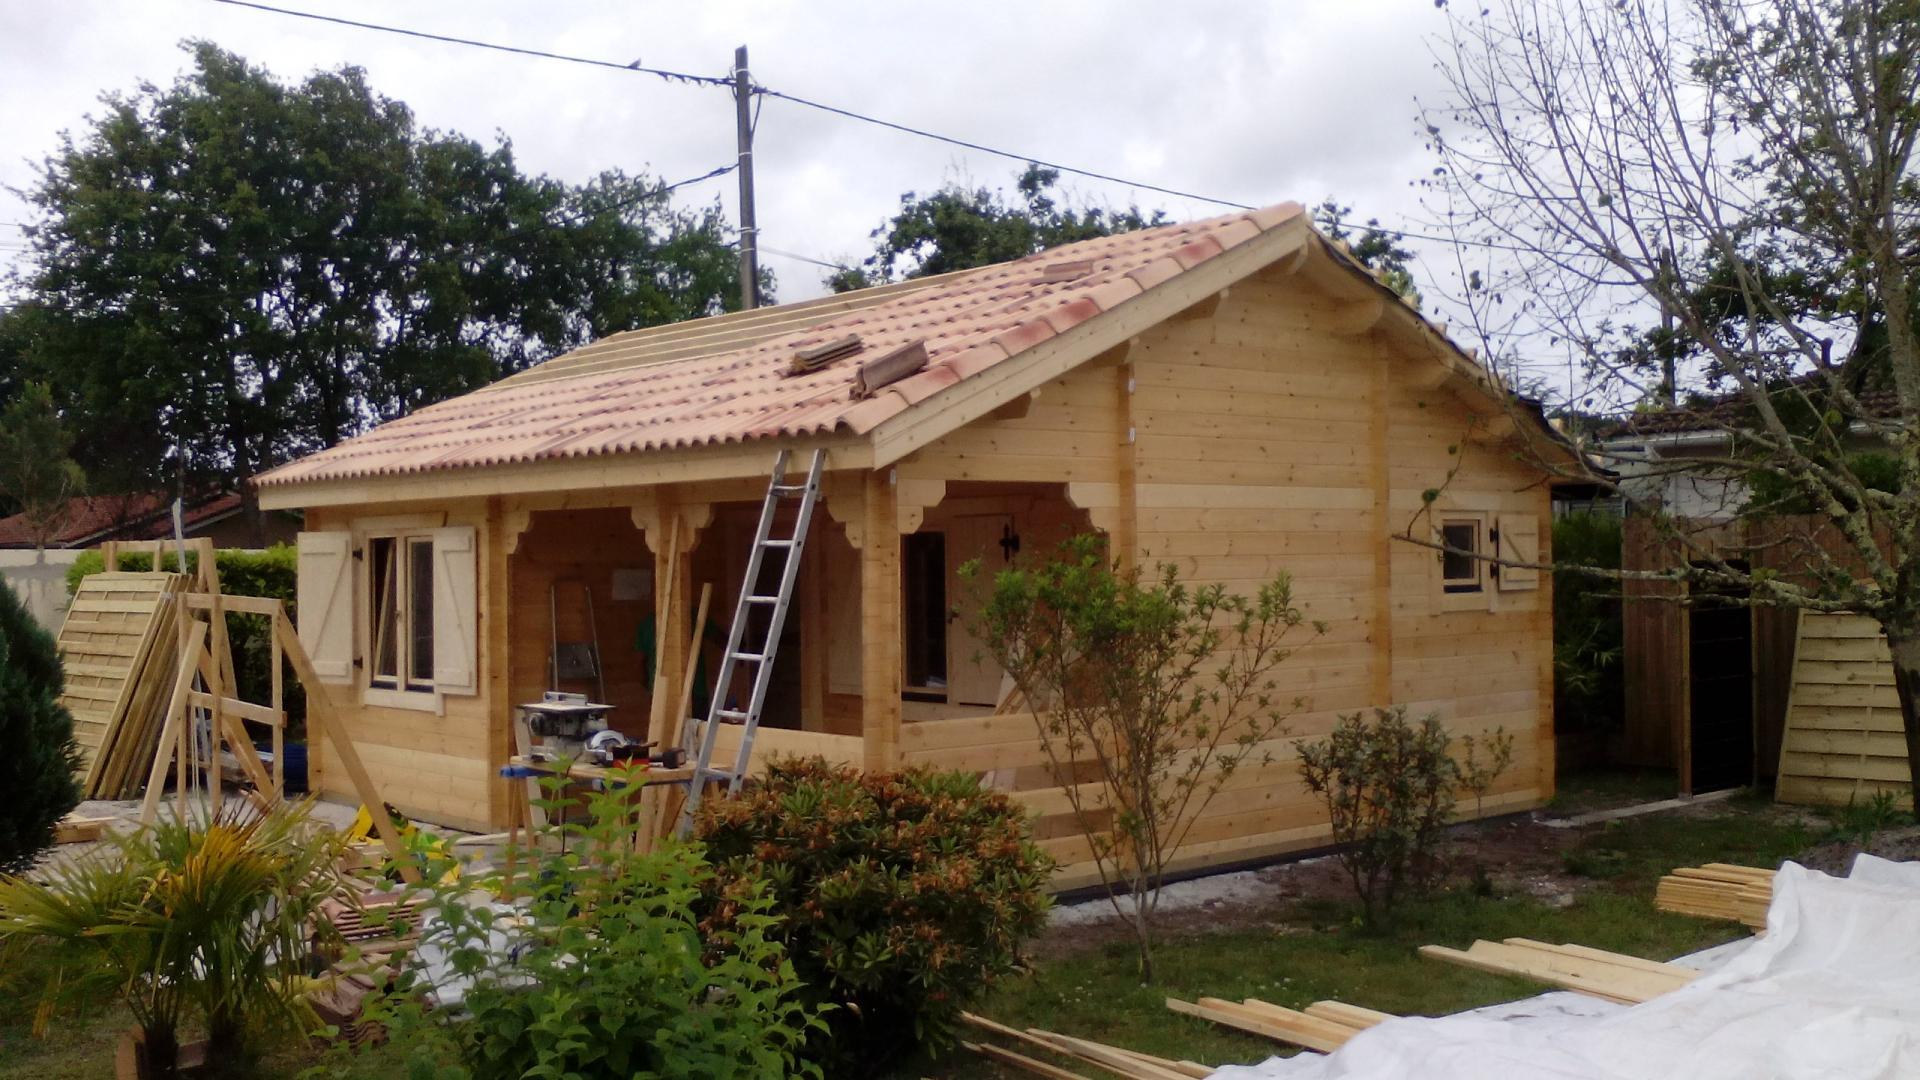 Fabricant Constructeur De Kits Chalets En Bois Habitables ... dedans Chalet Habitable 30M2